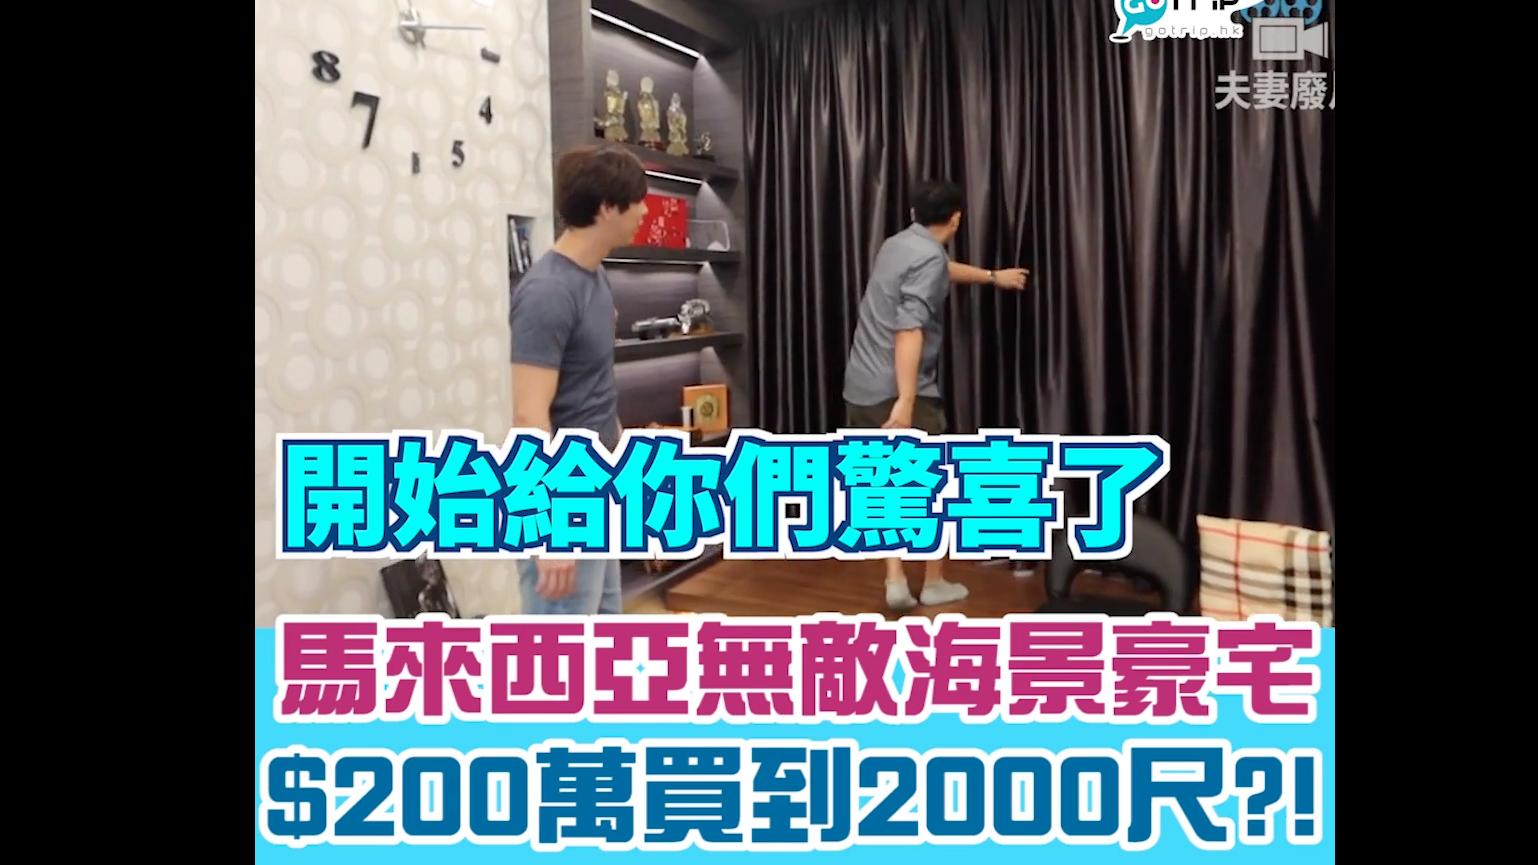 港幣200萬唔使?買到2000尺豪宅?!